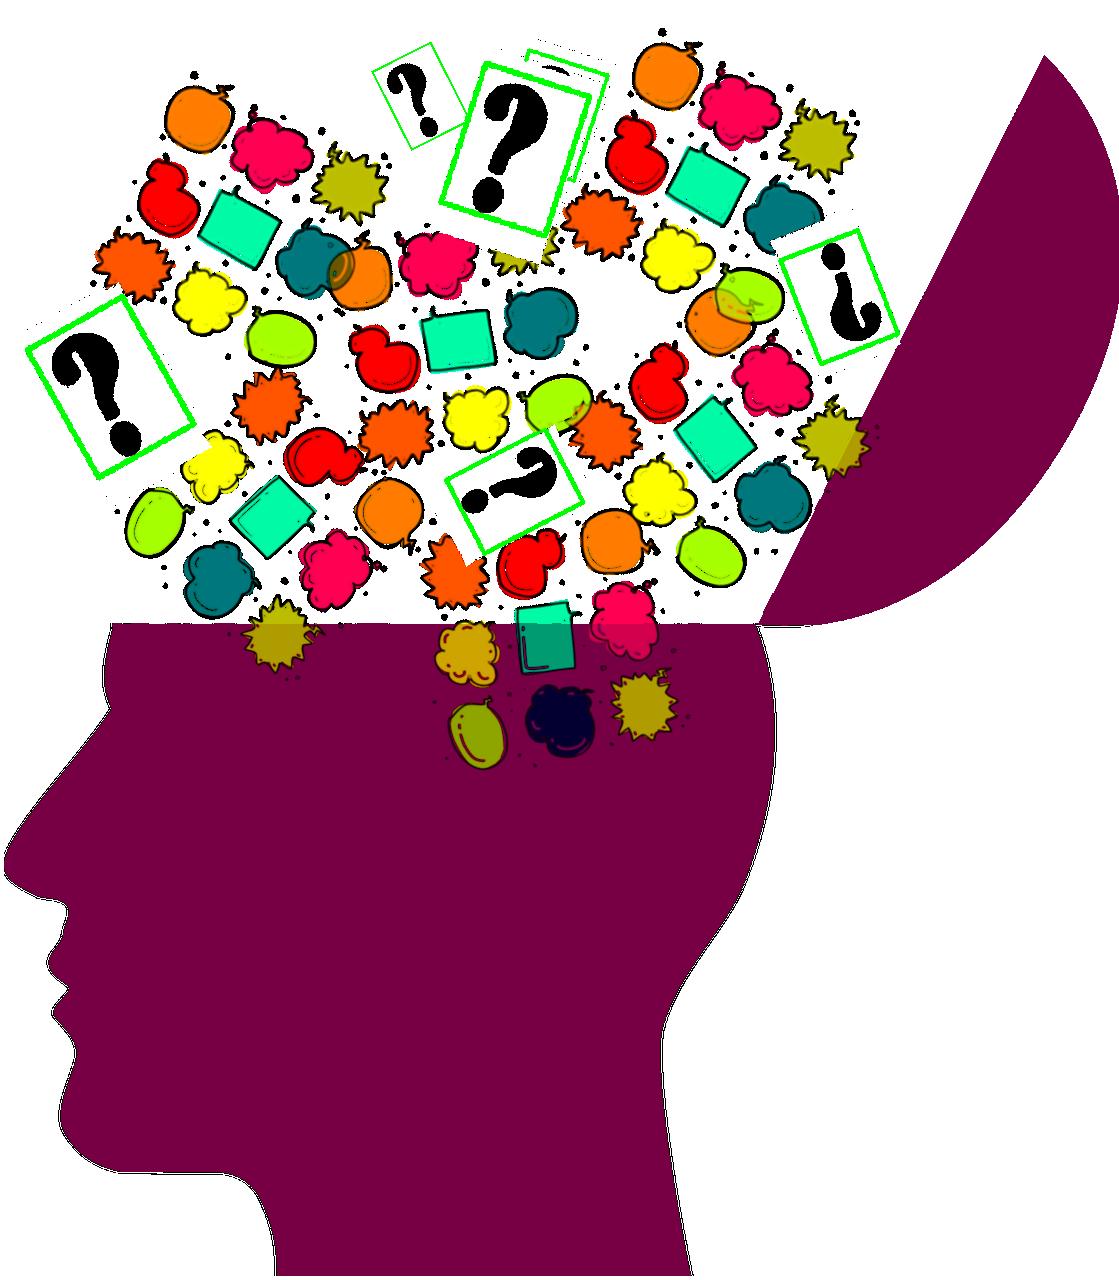 Kopf aufgeklappt bunte Gedankenblasen mit Fragezeichen